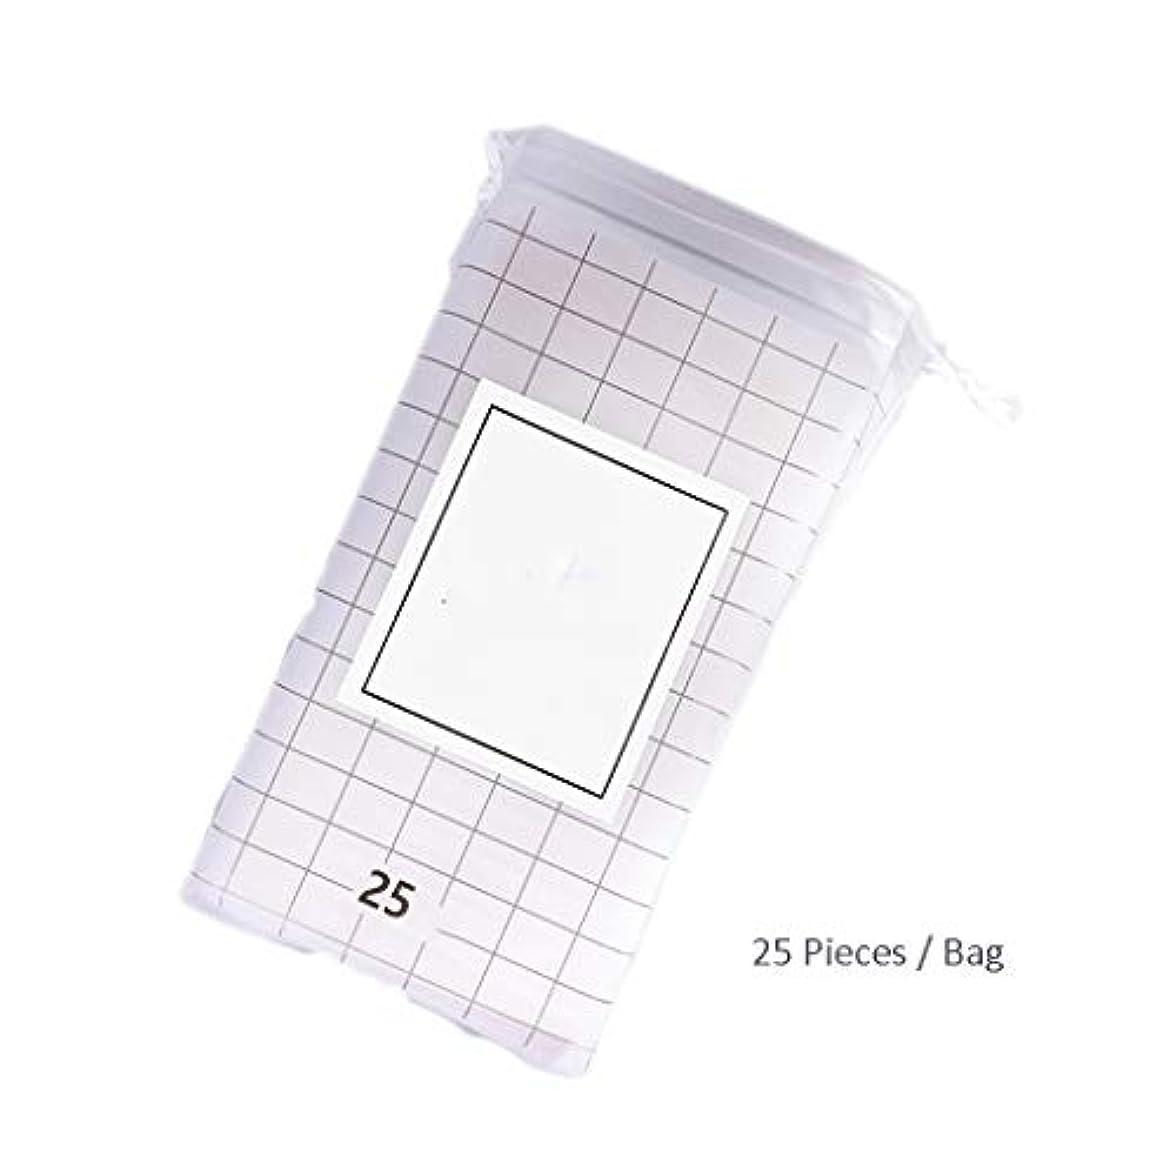 公平なメンターいつかクレンジングシート メイクアップフェイシャルカットコットンクレンジングタオルコットンタオルドライ&ウェットクレンジングタオル使い捨てクレンジングタオル (Color : A, サイズ : 20*24cm)